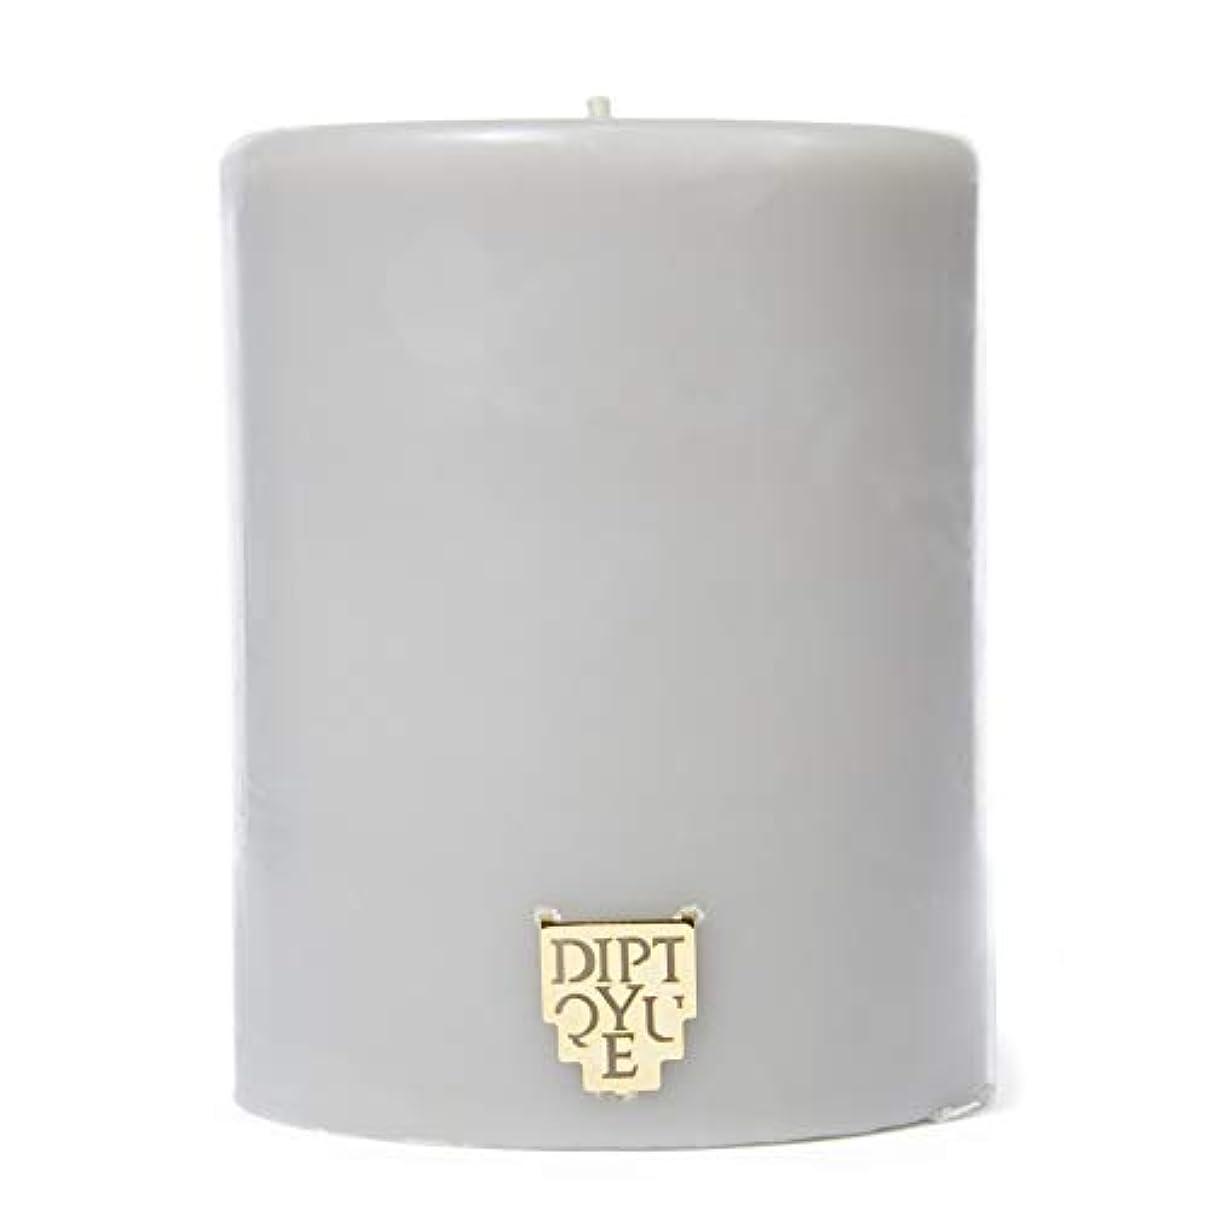 子豚罰する美徳[Diptyque] DiptyqueのFeuデボワピラーキャンドル450グラム - Diptyque Feu De Bois Pillar Candle 450g [並行輸入品]